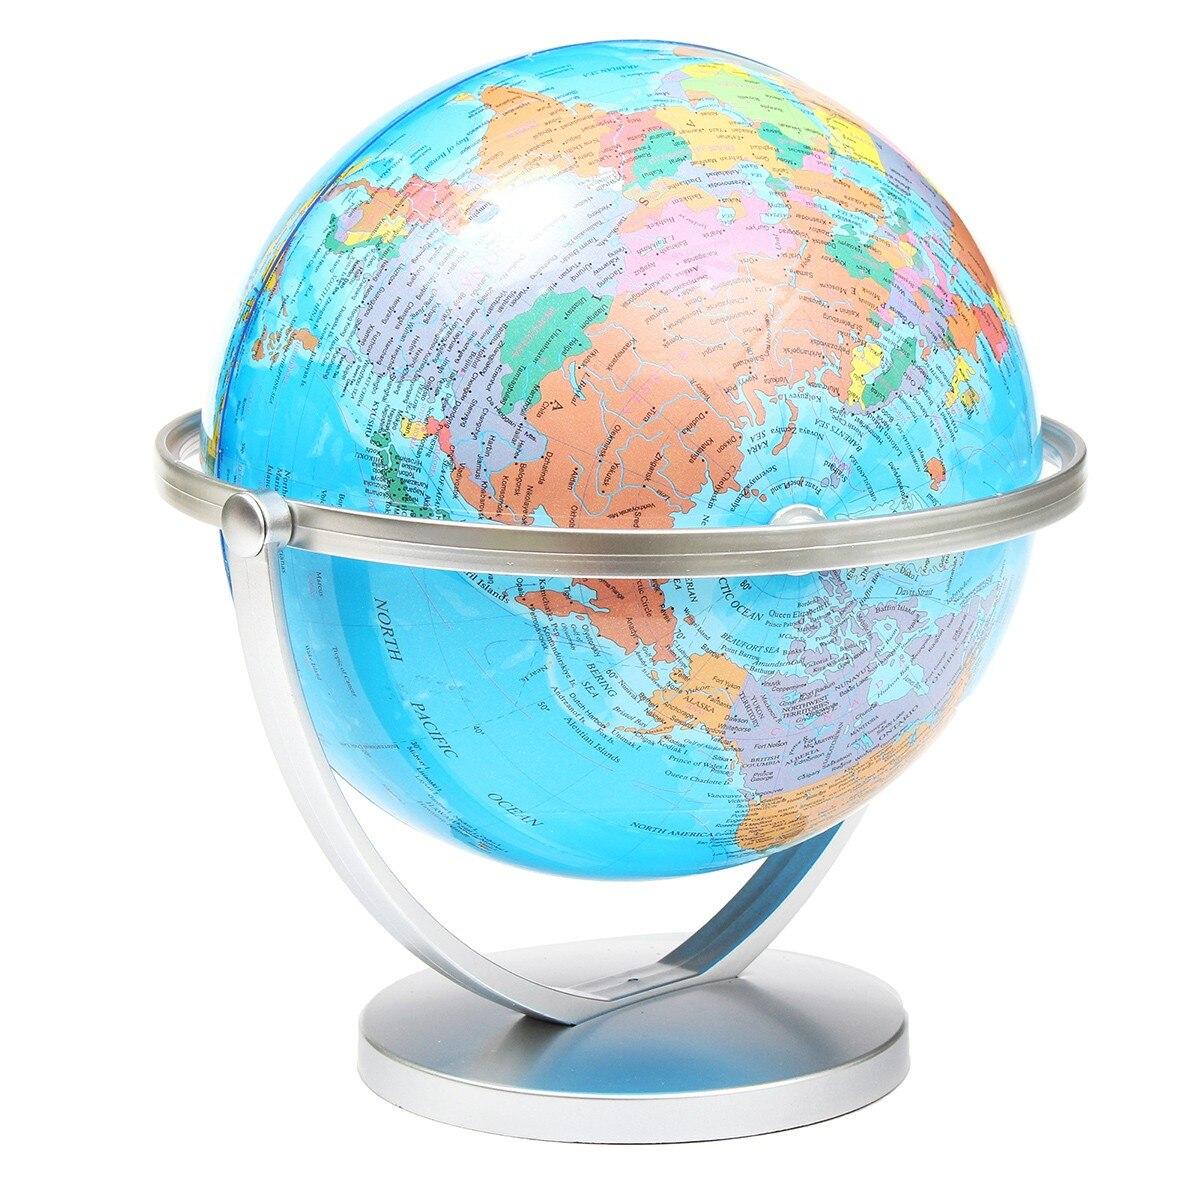 MIRUI 20 cm 360 degrés Rotation monde Globe terre carte avec support enfants géographie jouets éducatifs maison bureau anglais + chinois